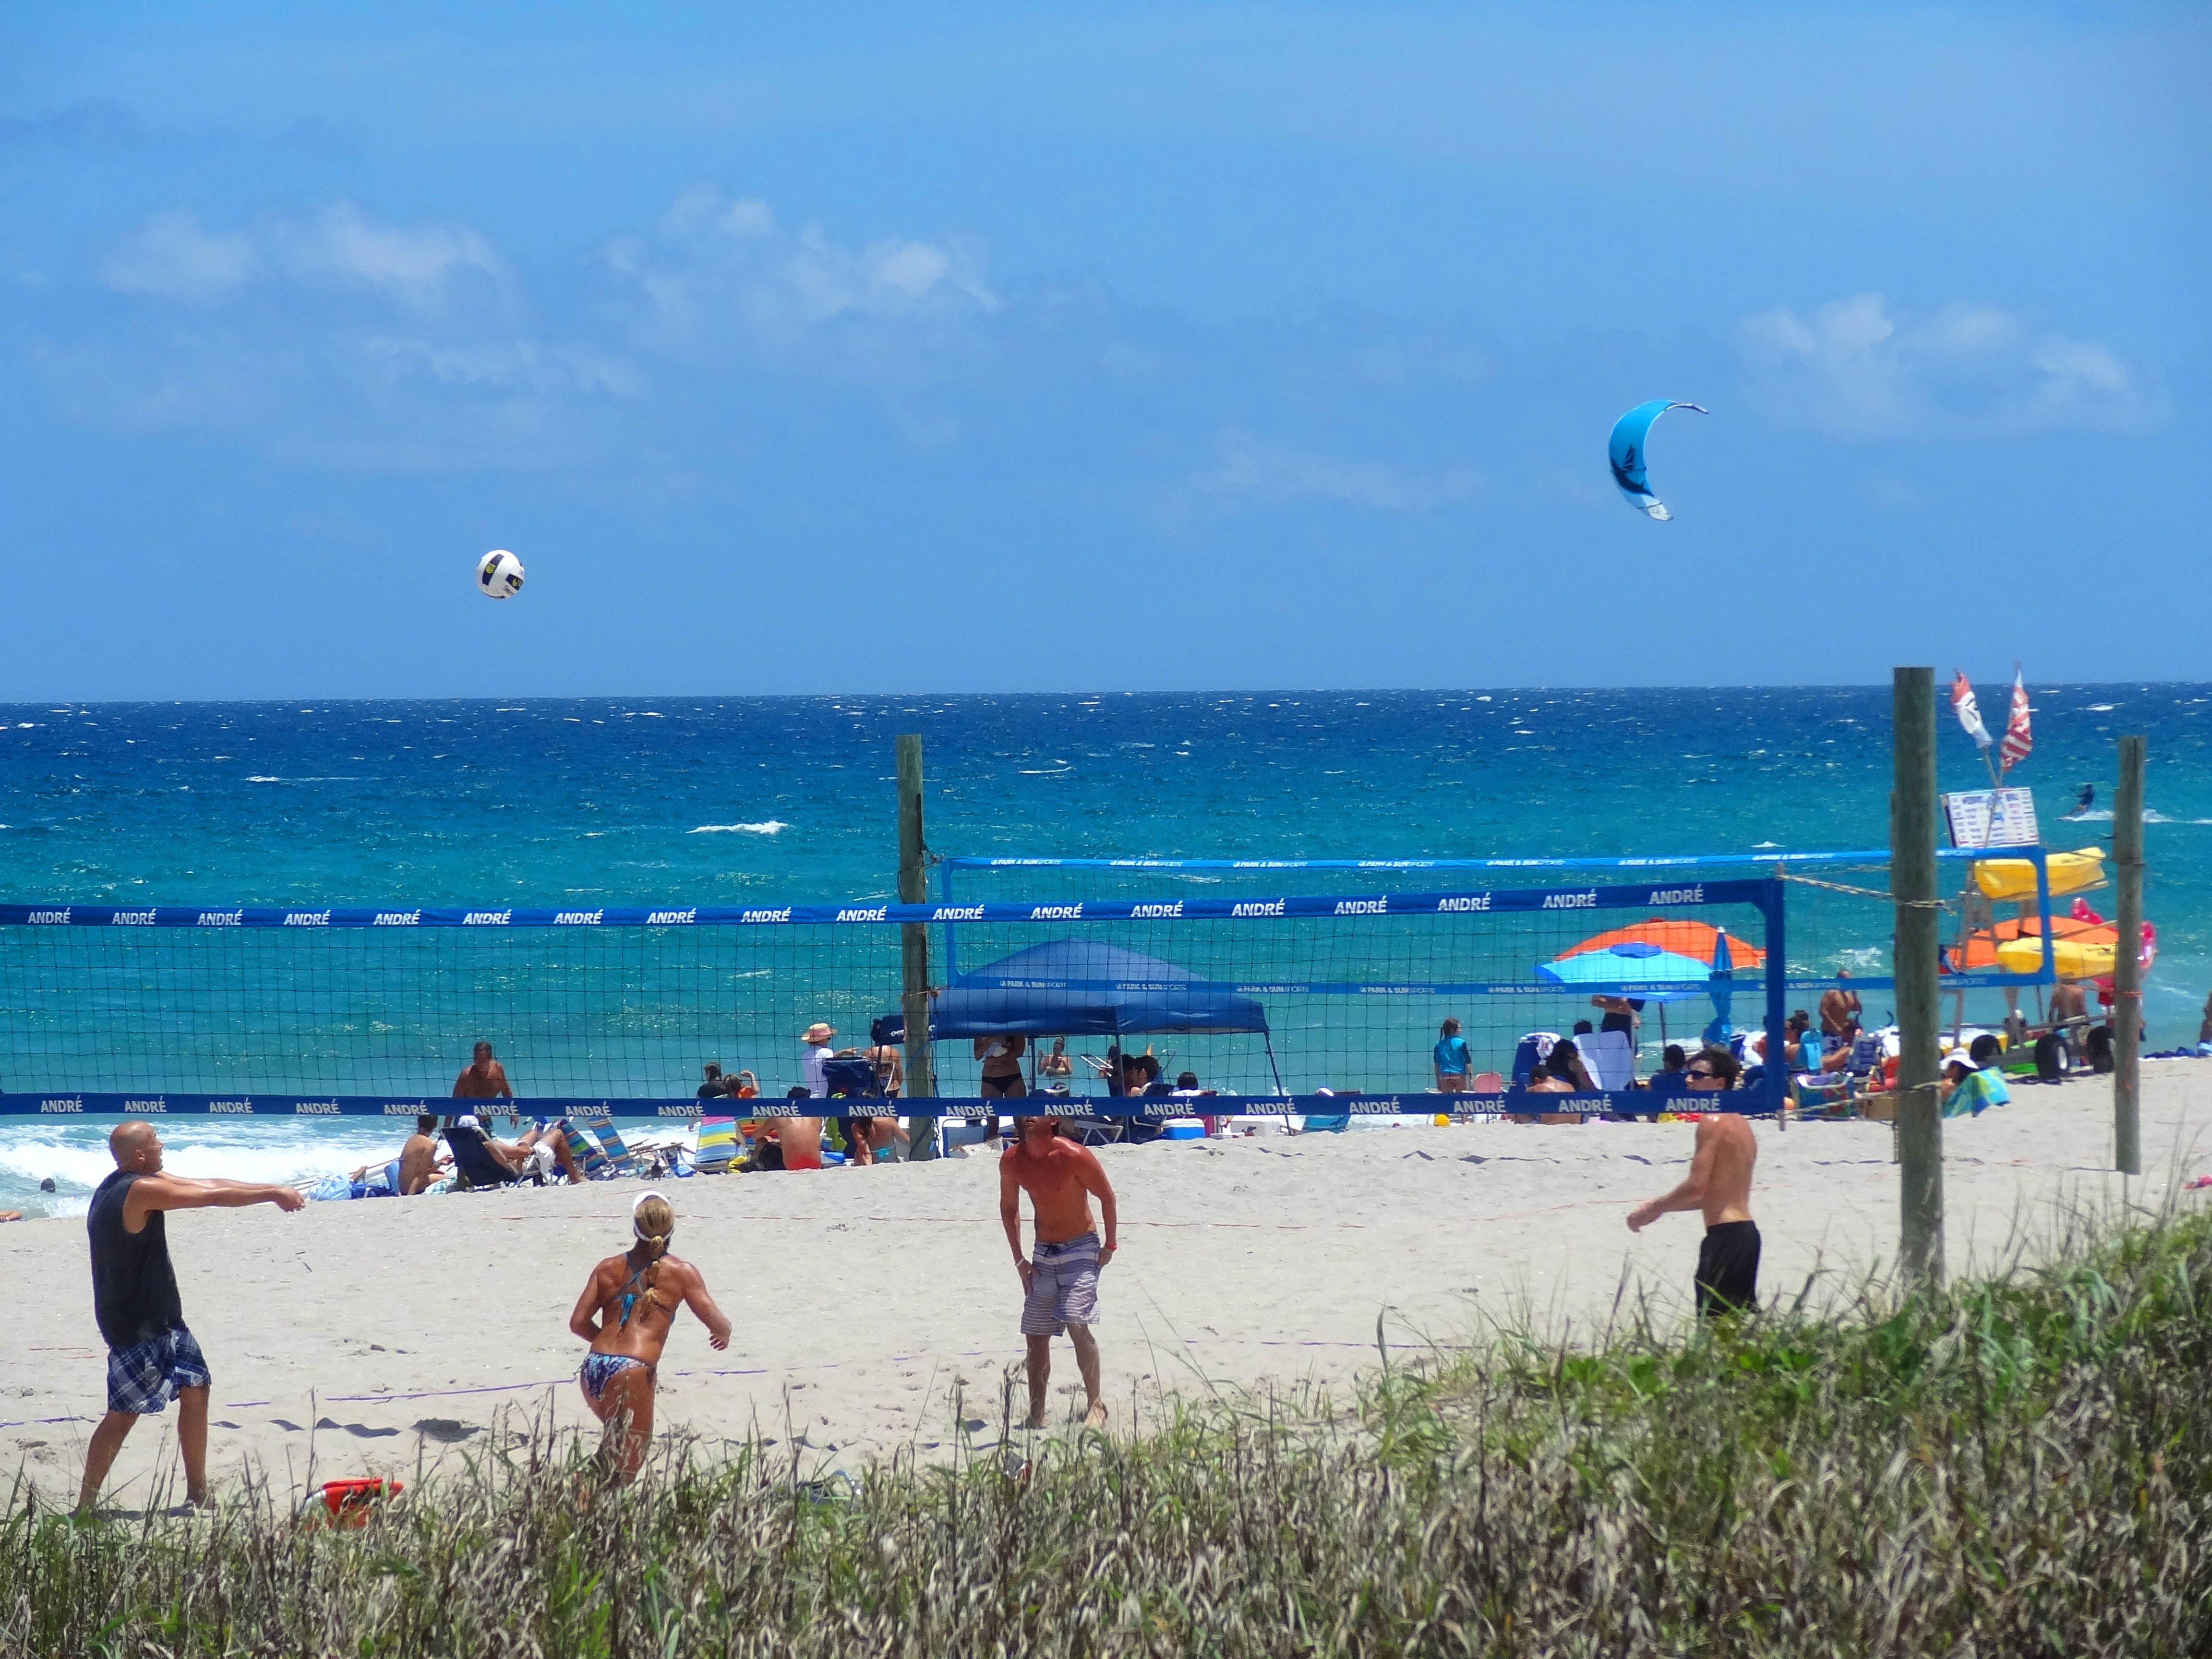 Beach Volleyball Delray Beach Florida Delray Beach Florida Palm Beach County Florida Vacation Rentals